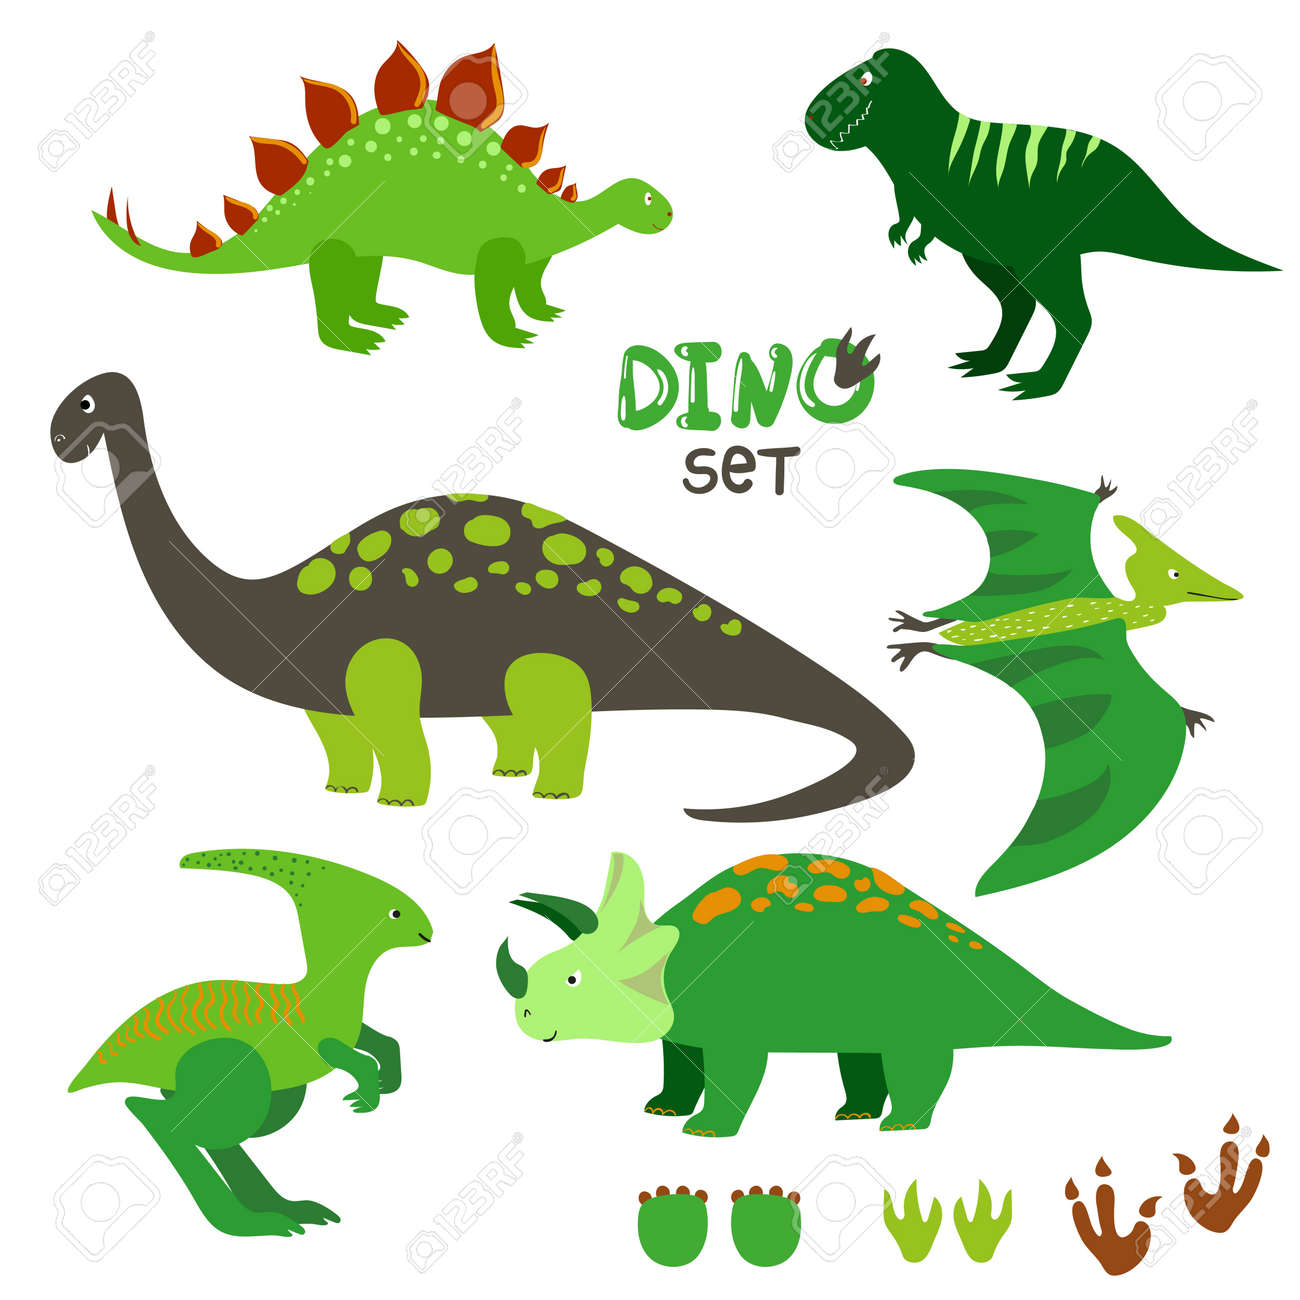 Dinosaurios Lindos Fijados Coleccion De Dinosaurios De Dibujos Animados Y Grabados Ilustracion Del Vector Ilustraciones Vectoriales Clip Art Vectorizado Libre De Derechos Image 59858148 Entre este tipo de dinosaurio podemos encontrar por ejemplo a los conocidos. dinosaurios lindos fijados coleccion de dinosaurios de dibujos animados y grabados ilustracion del vector